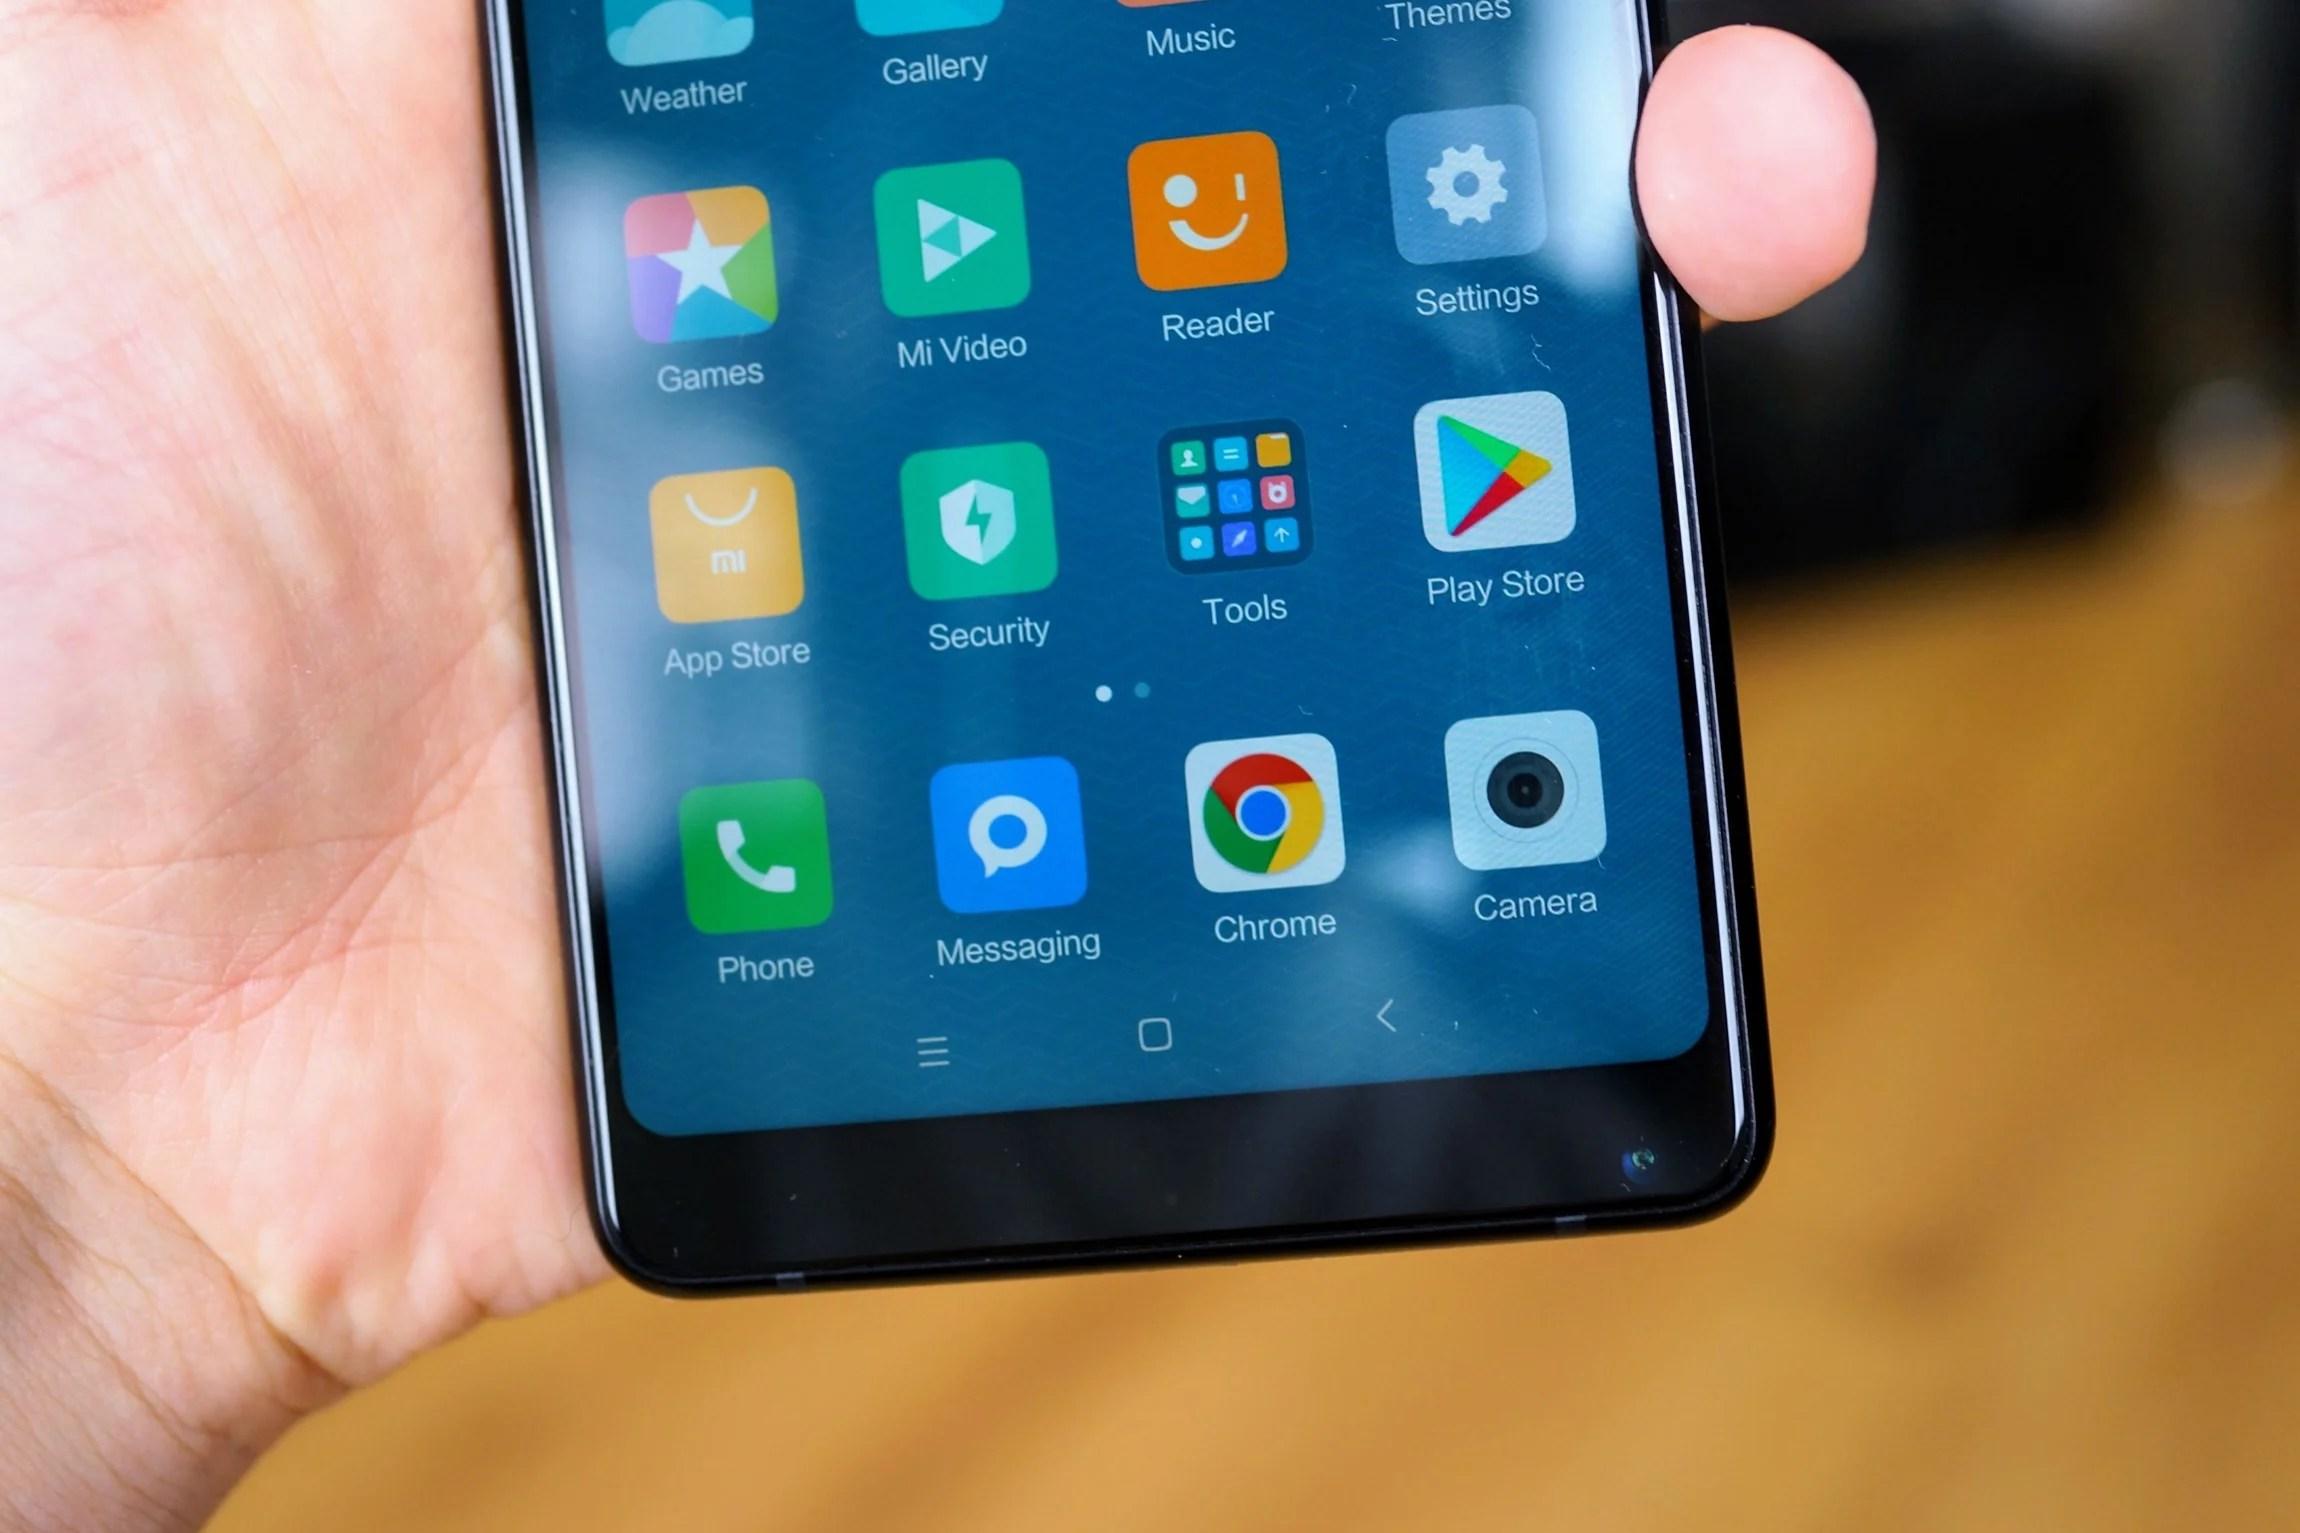 Android : faut-il se débarrasser de la barre de navigation ?